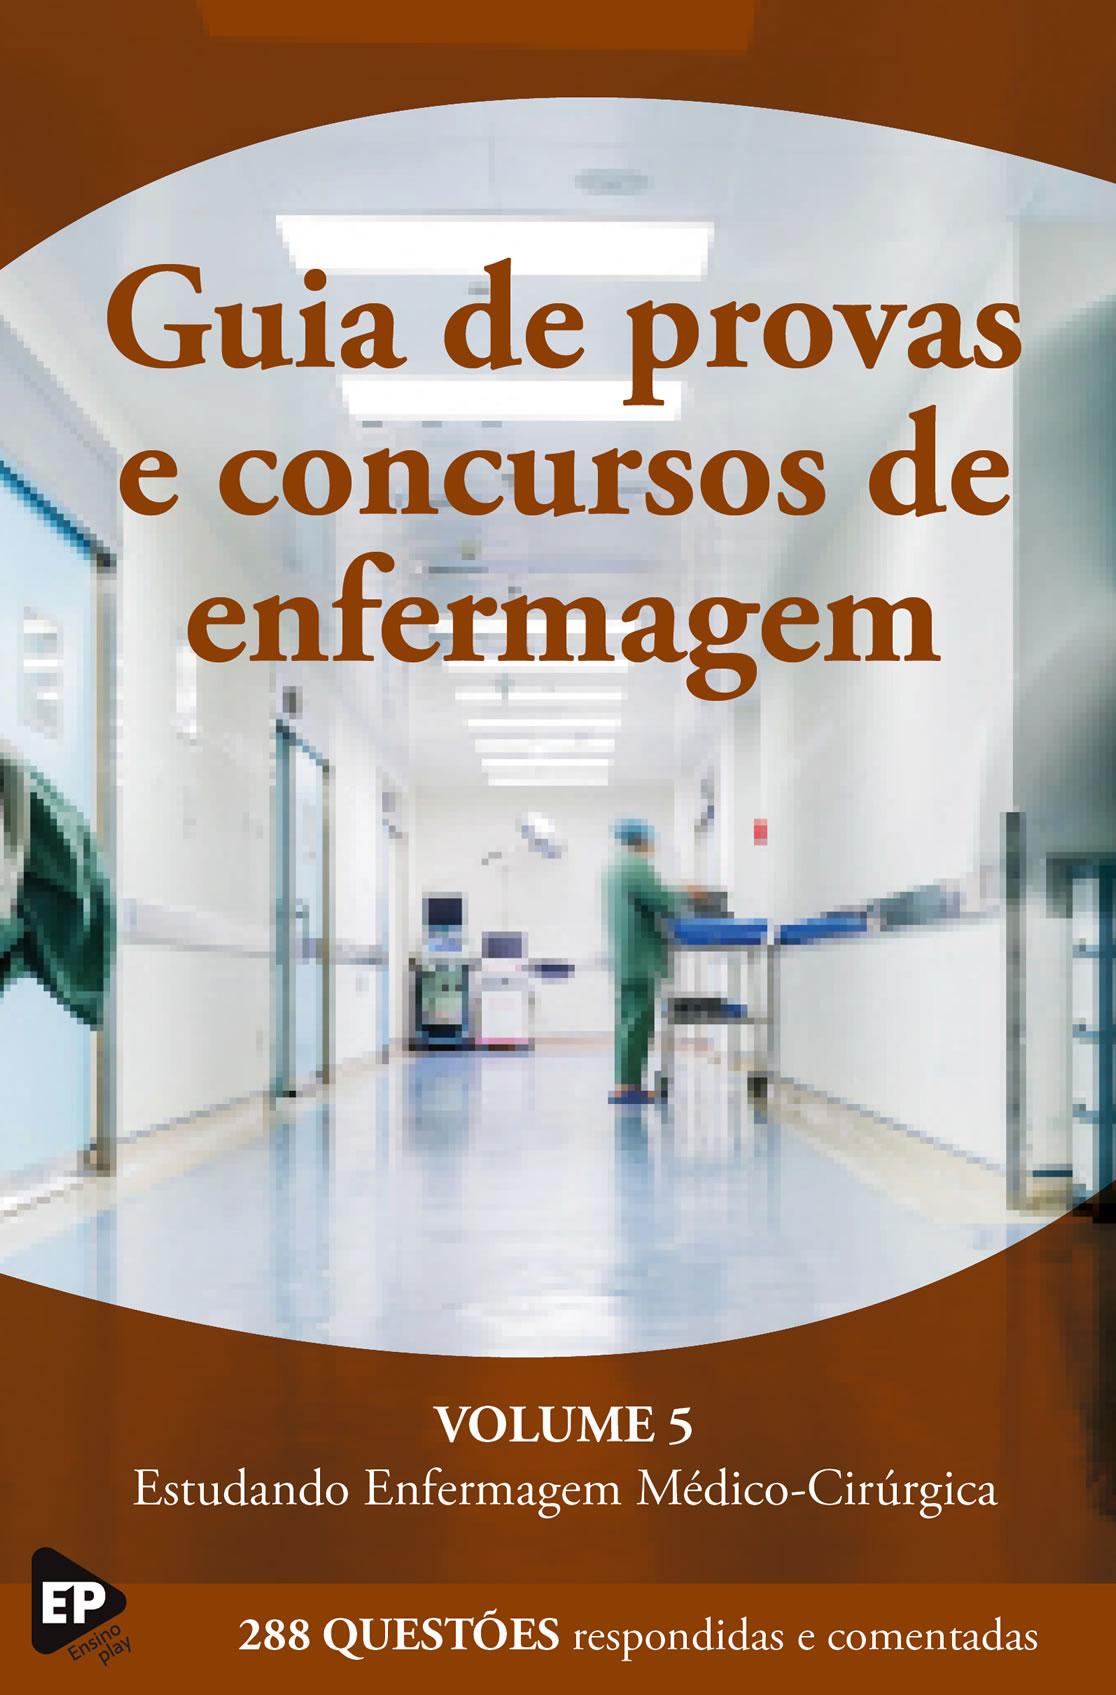 Guia de Provas e Concursos de Enfermagem V.5